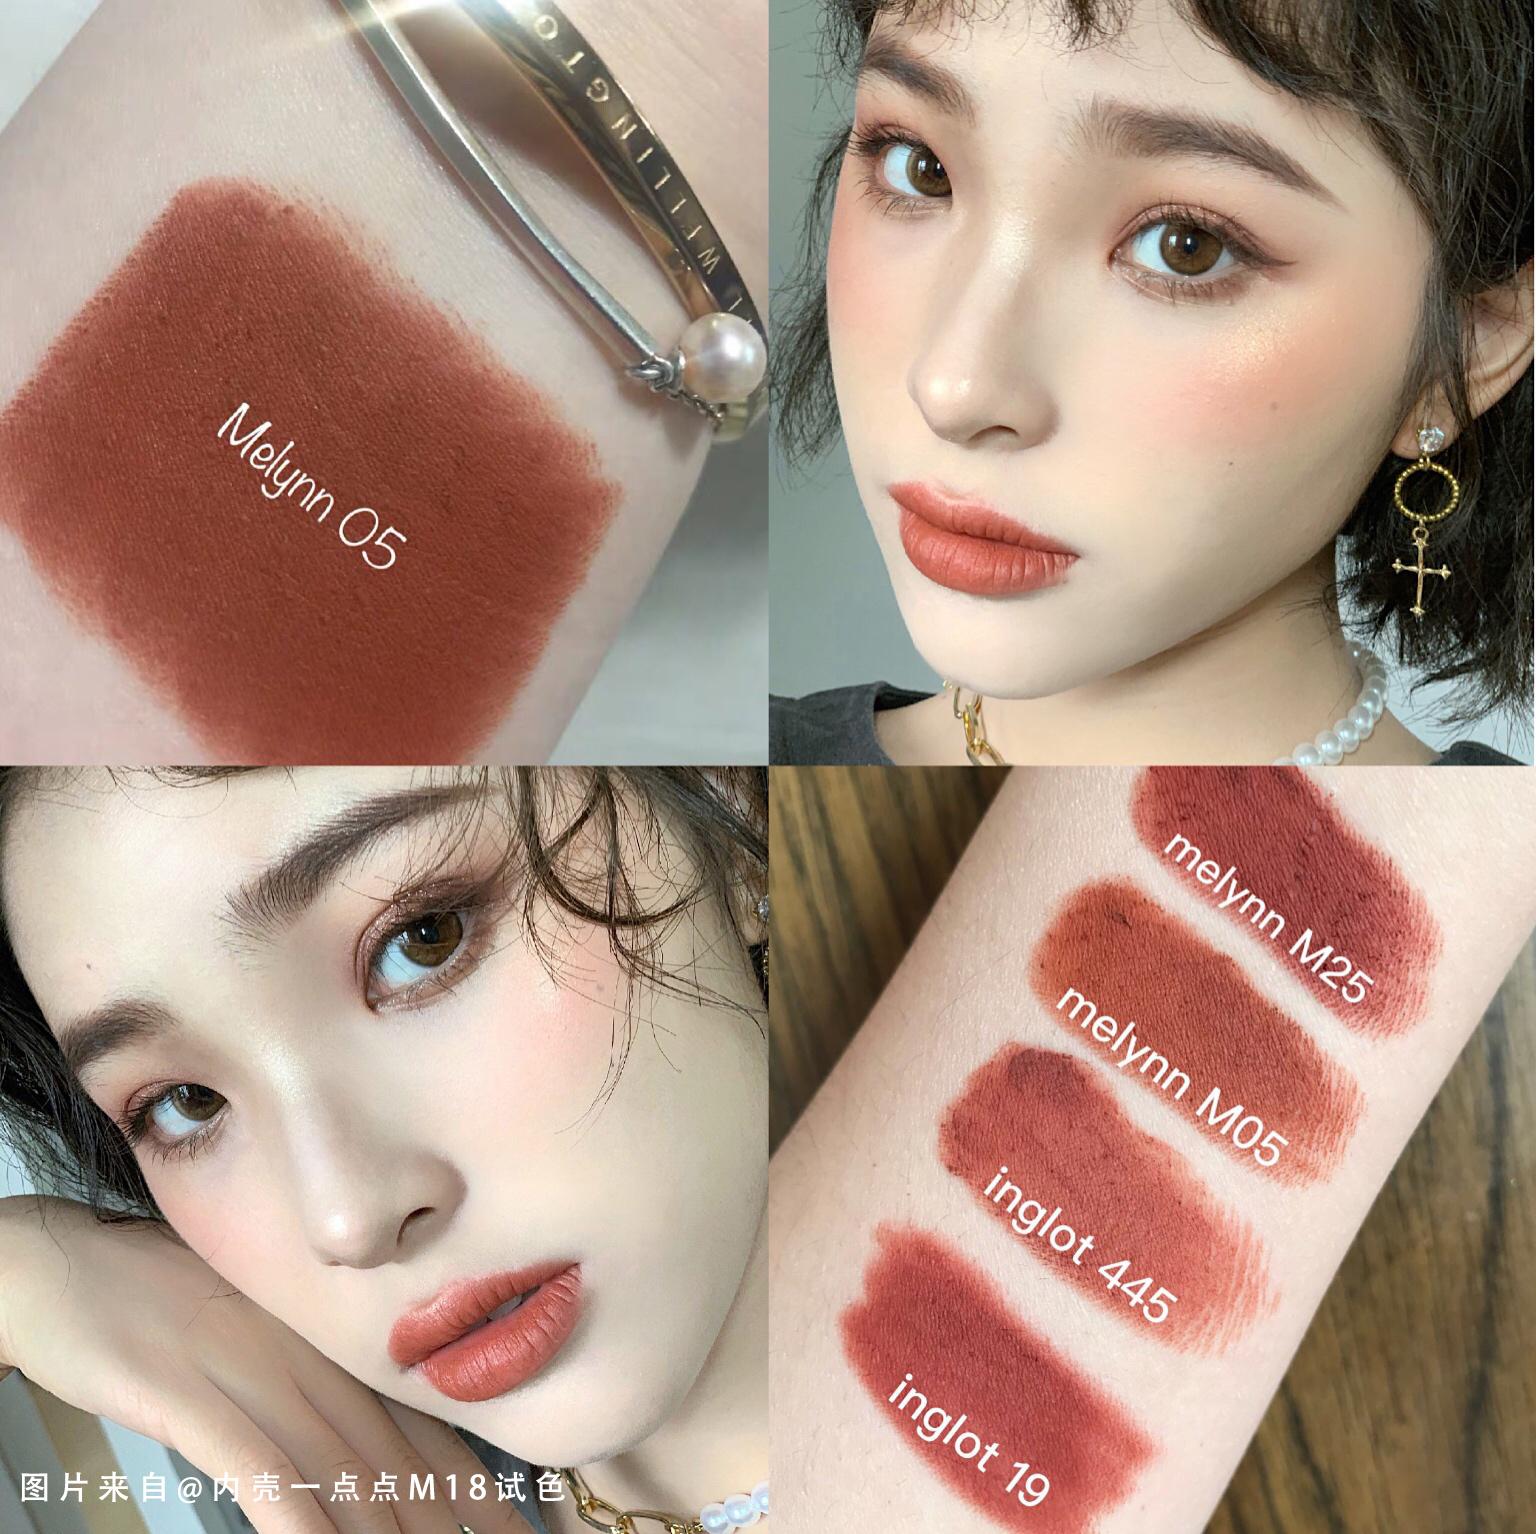 泰国小众品牌彩妆Melynn哑光雾面梅子色口红M05/M15持久不脱色